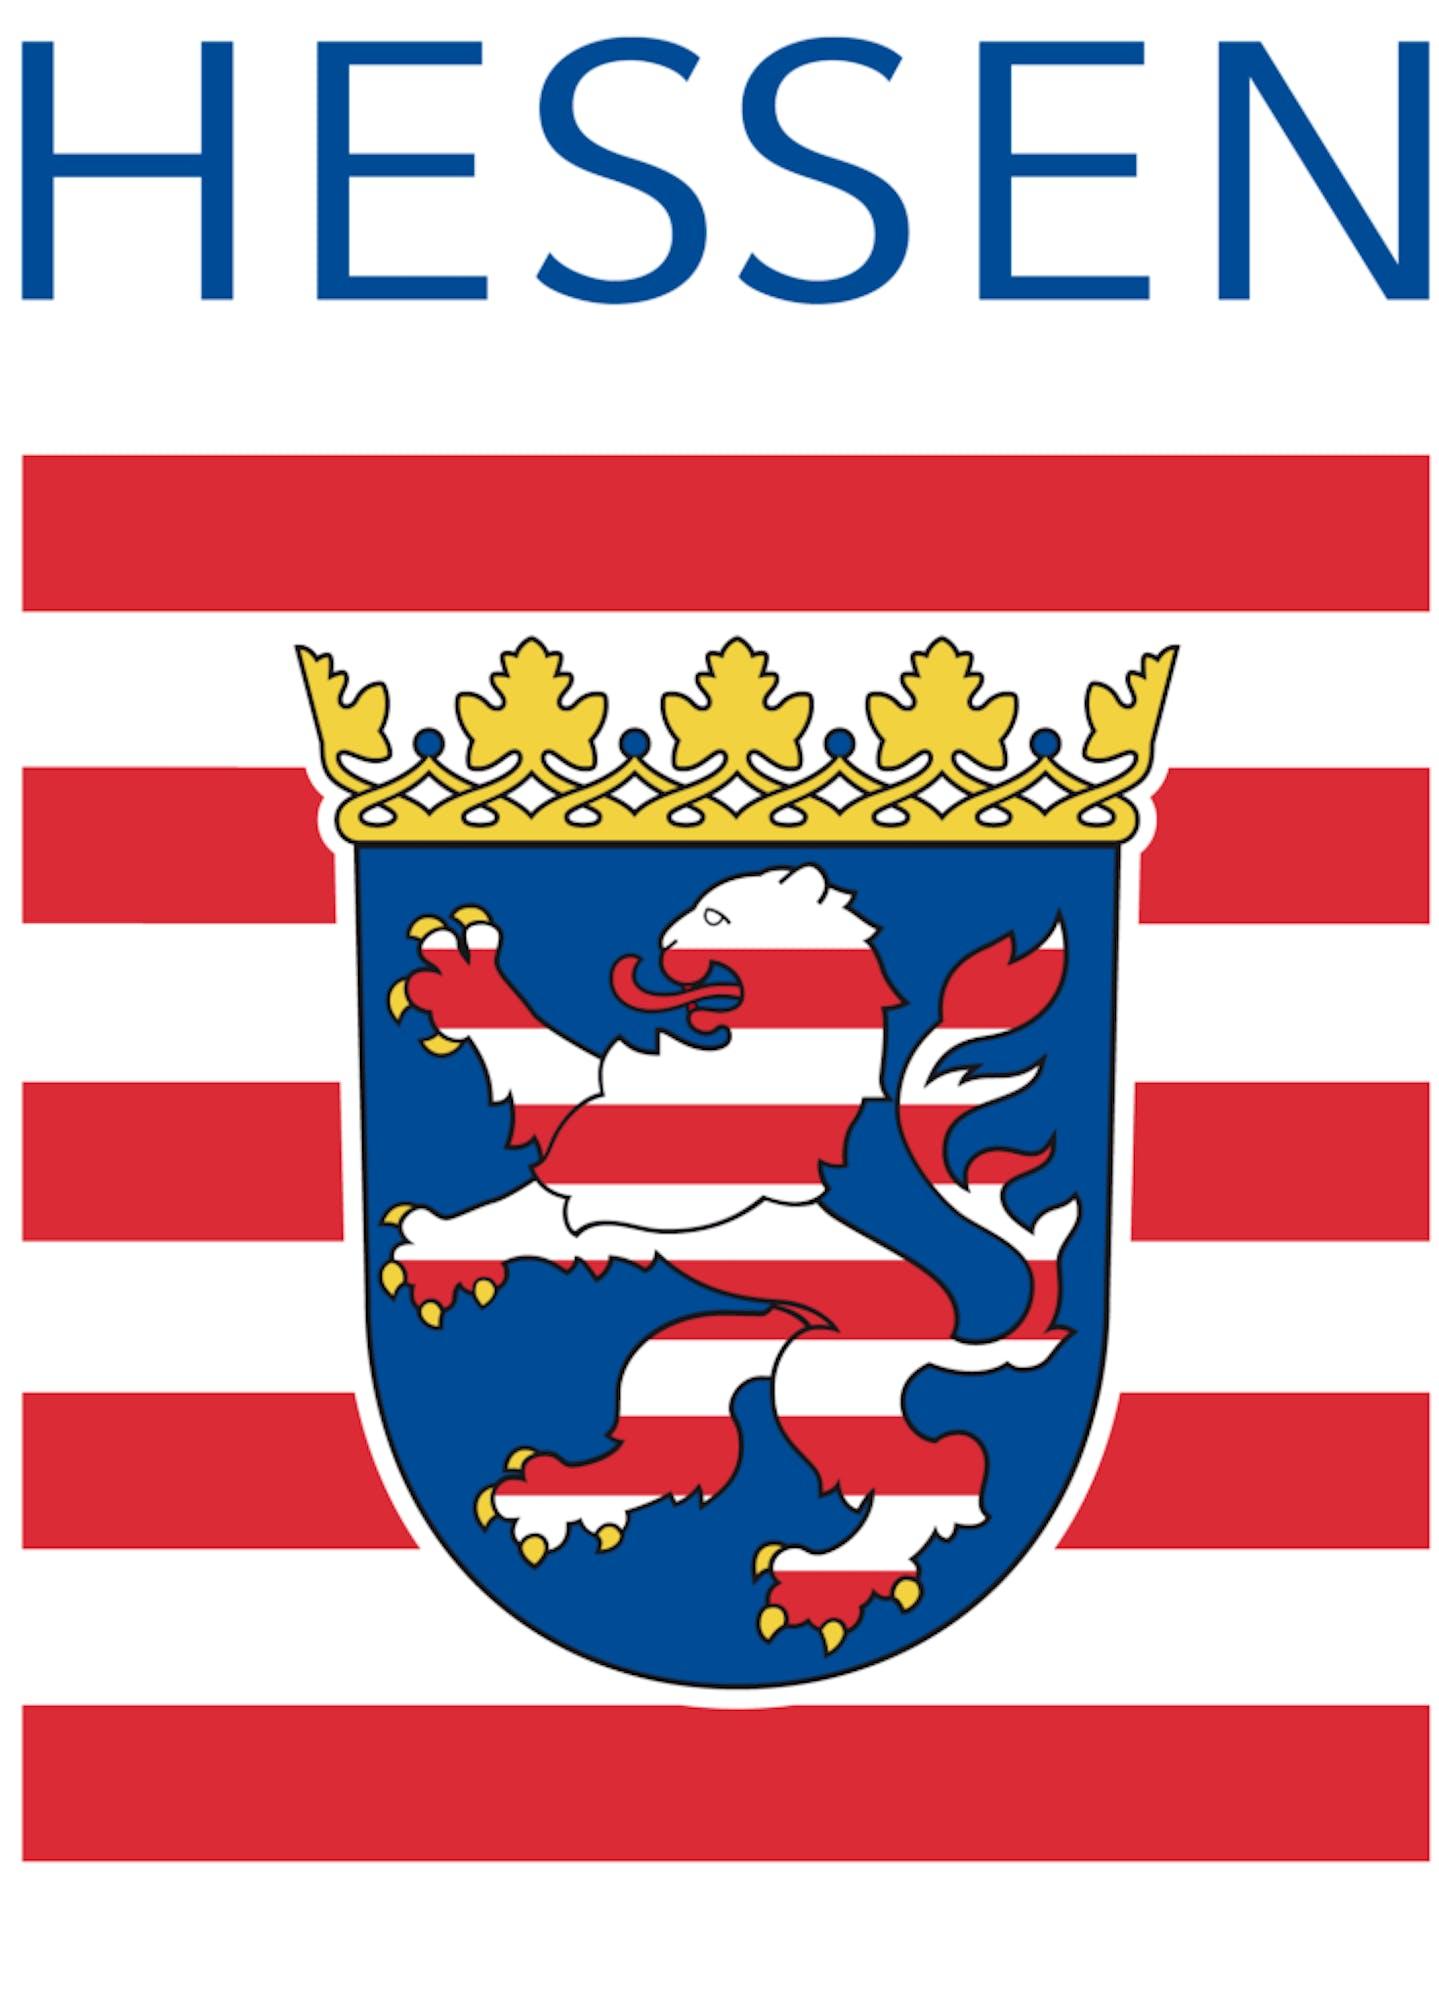 Land Hessen